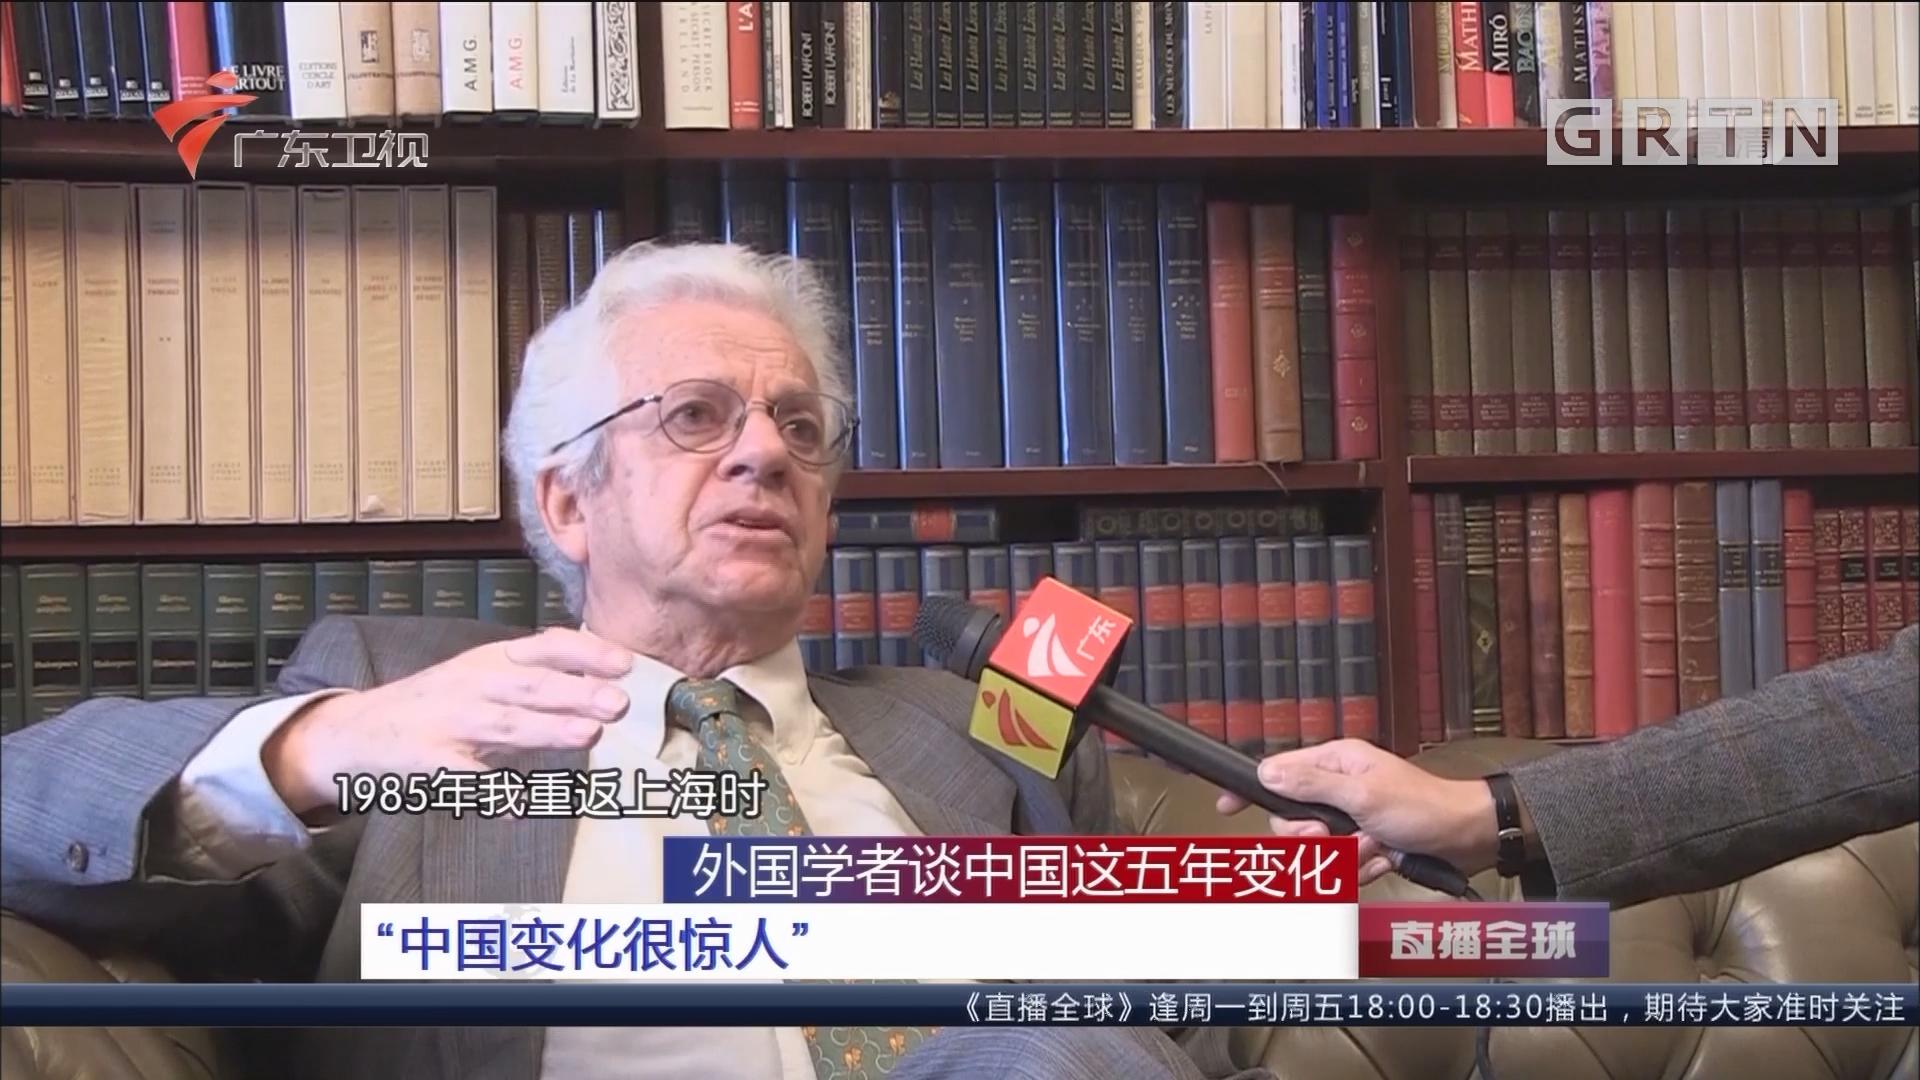 """外国学者谈中国这五年变化:""""中国变化很惊人"""""""